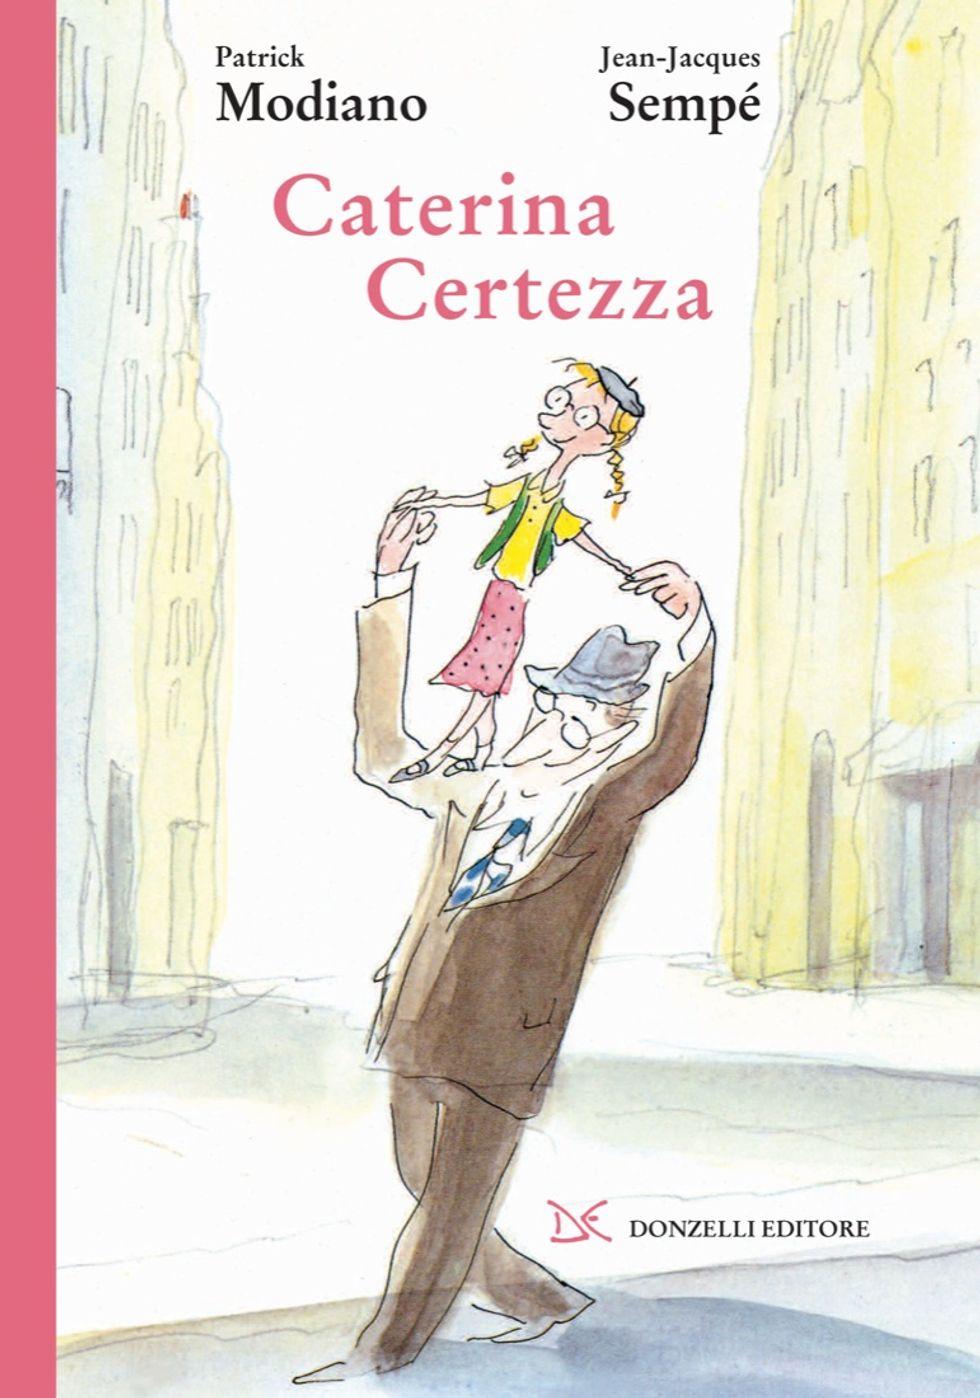 Patrick Modiano, scrittore per bambini